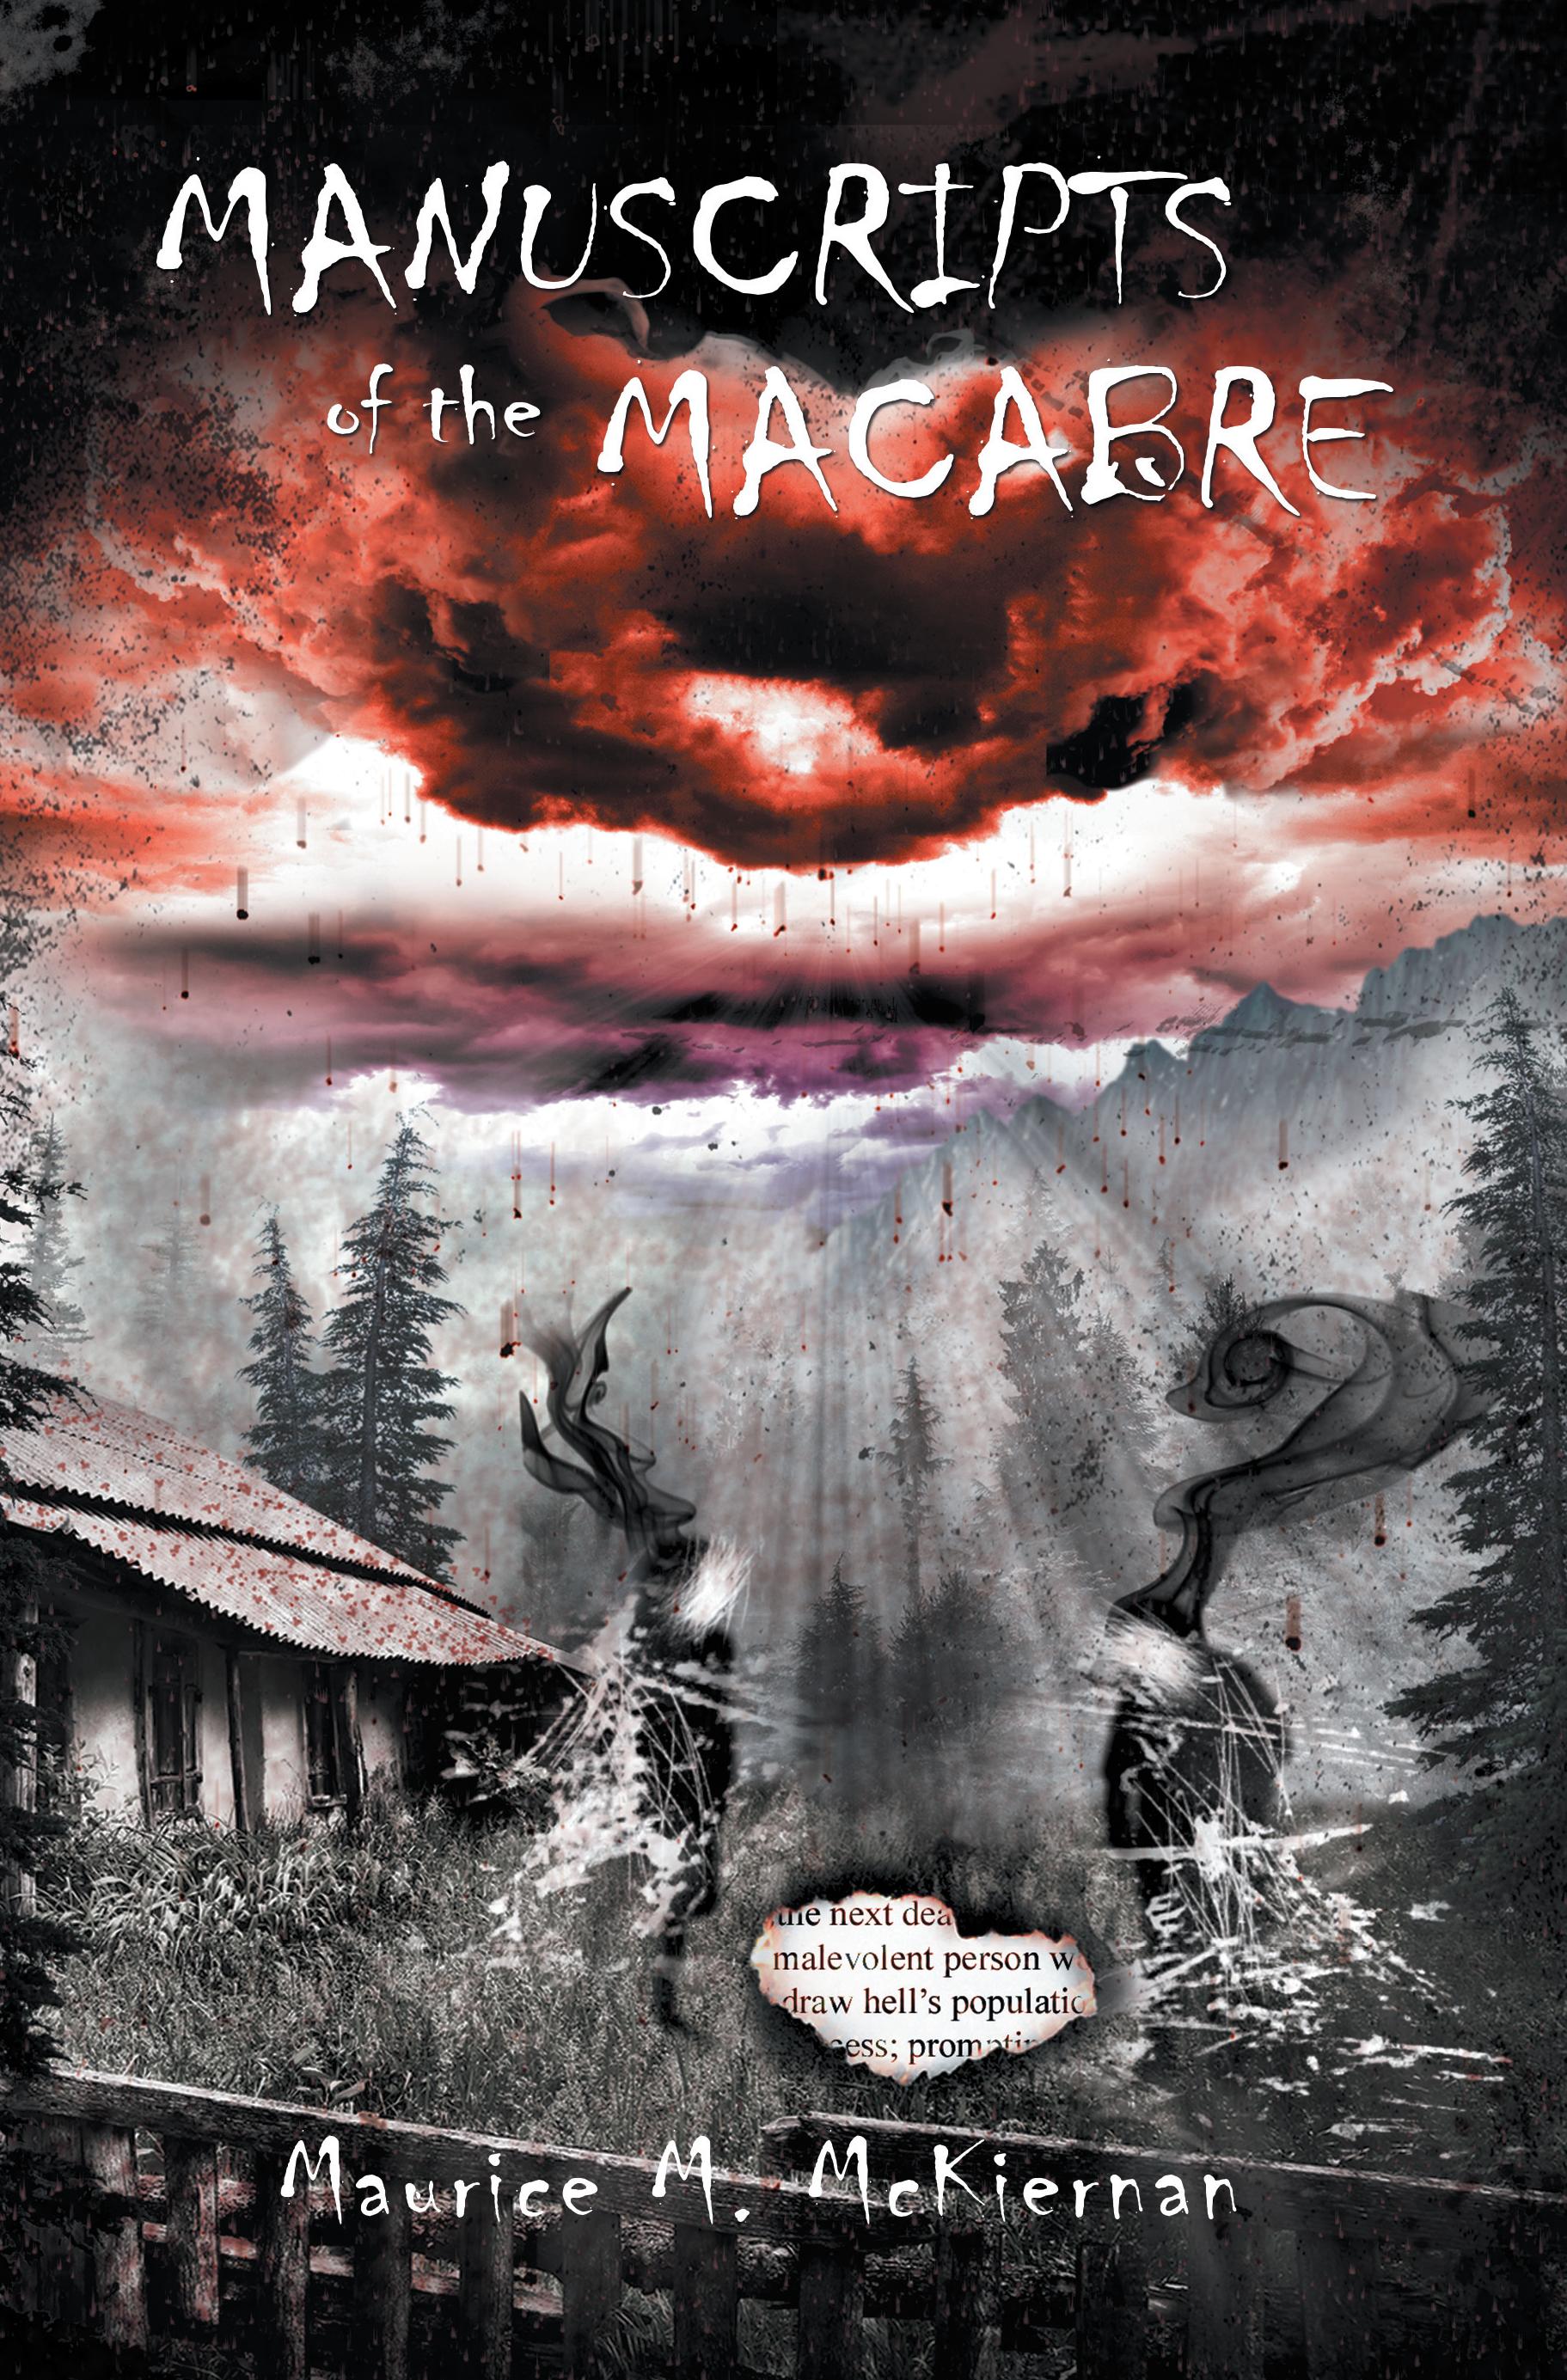 Manuscripts of the Macabre